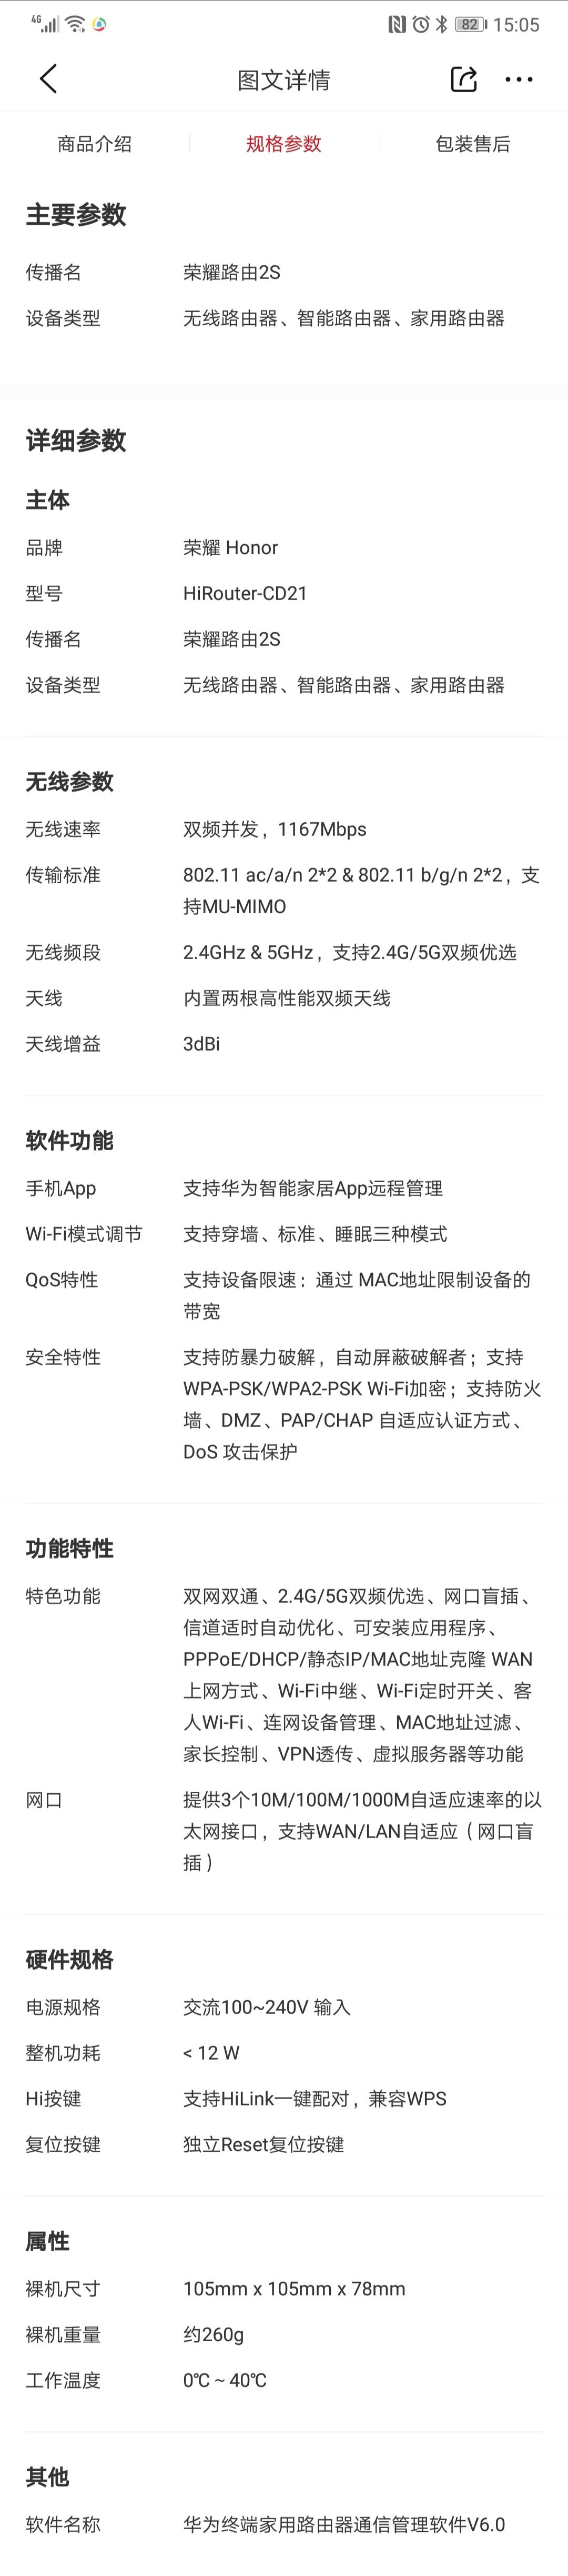 Screenshot_20181209_150551.jpg